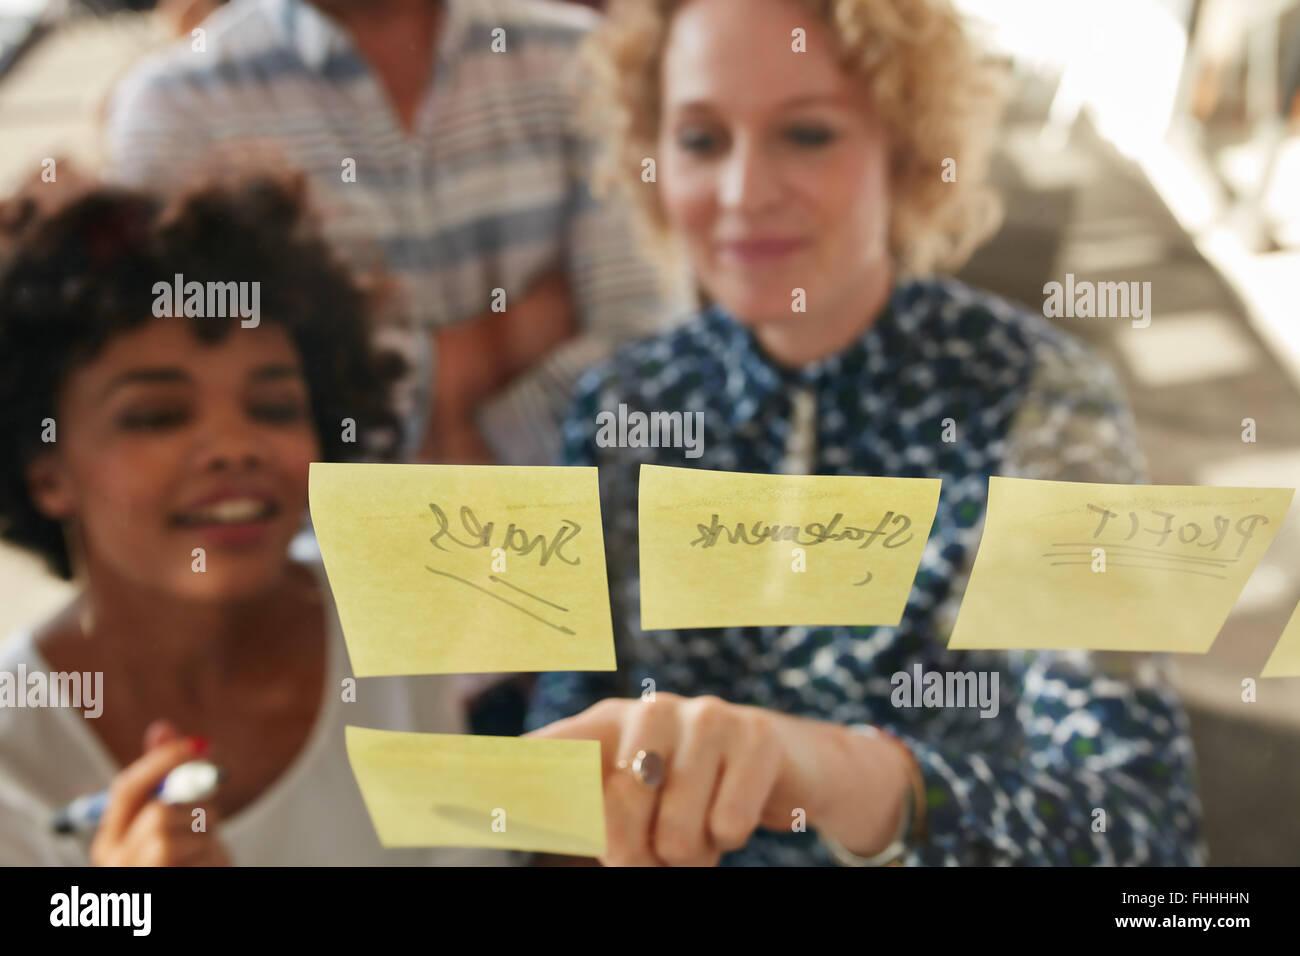 Joven Empresaria mostrando su compañera una idea publicado en una nota adhesiva en la pared. Los profesionales Imagen De Stock